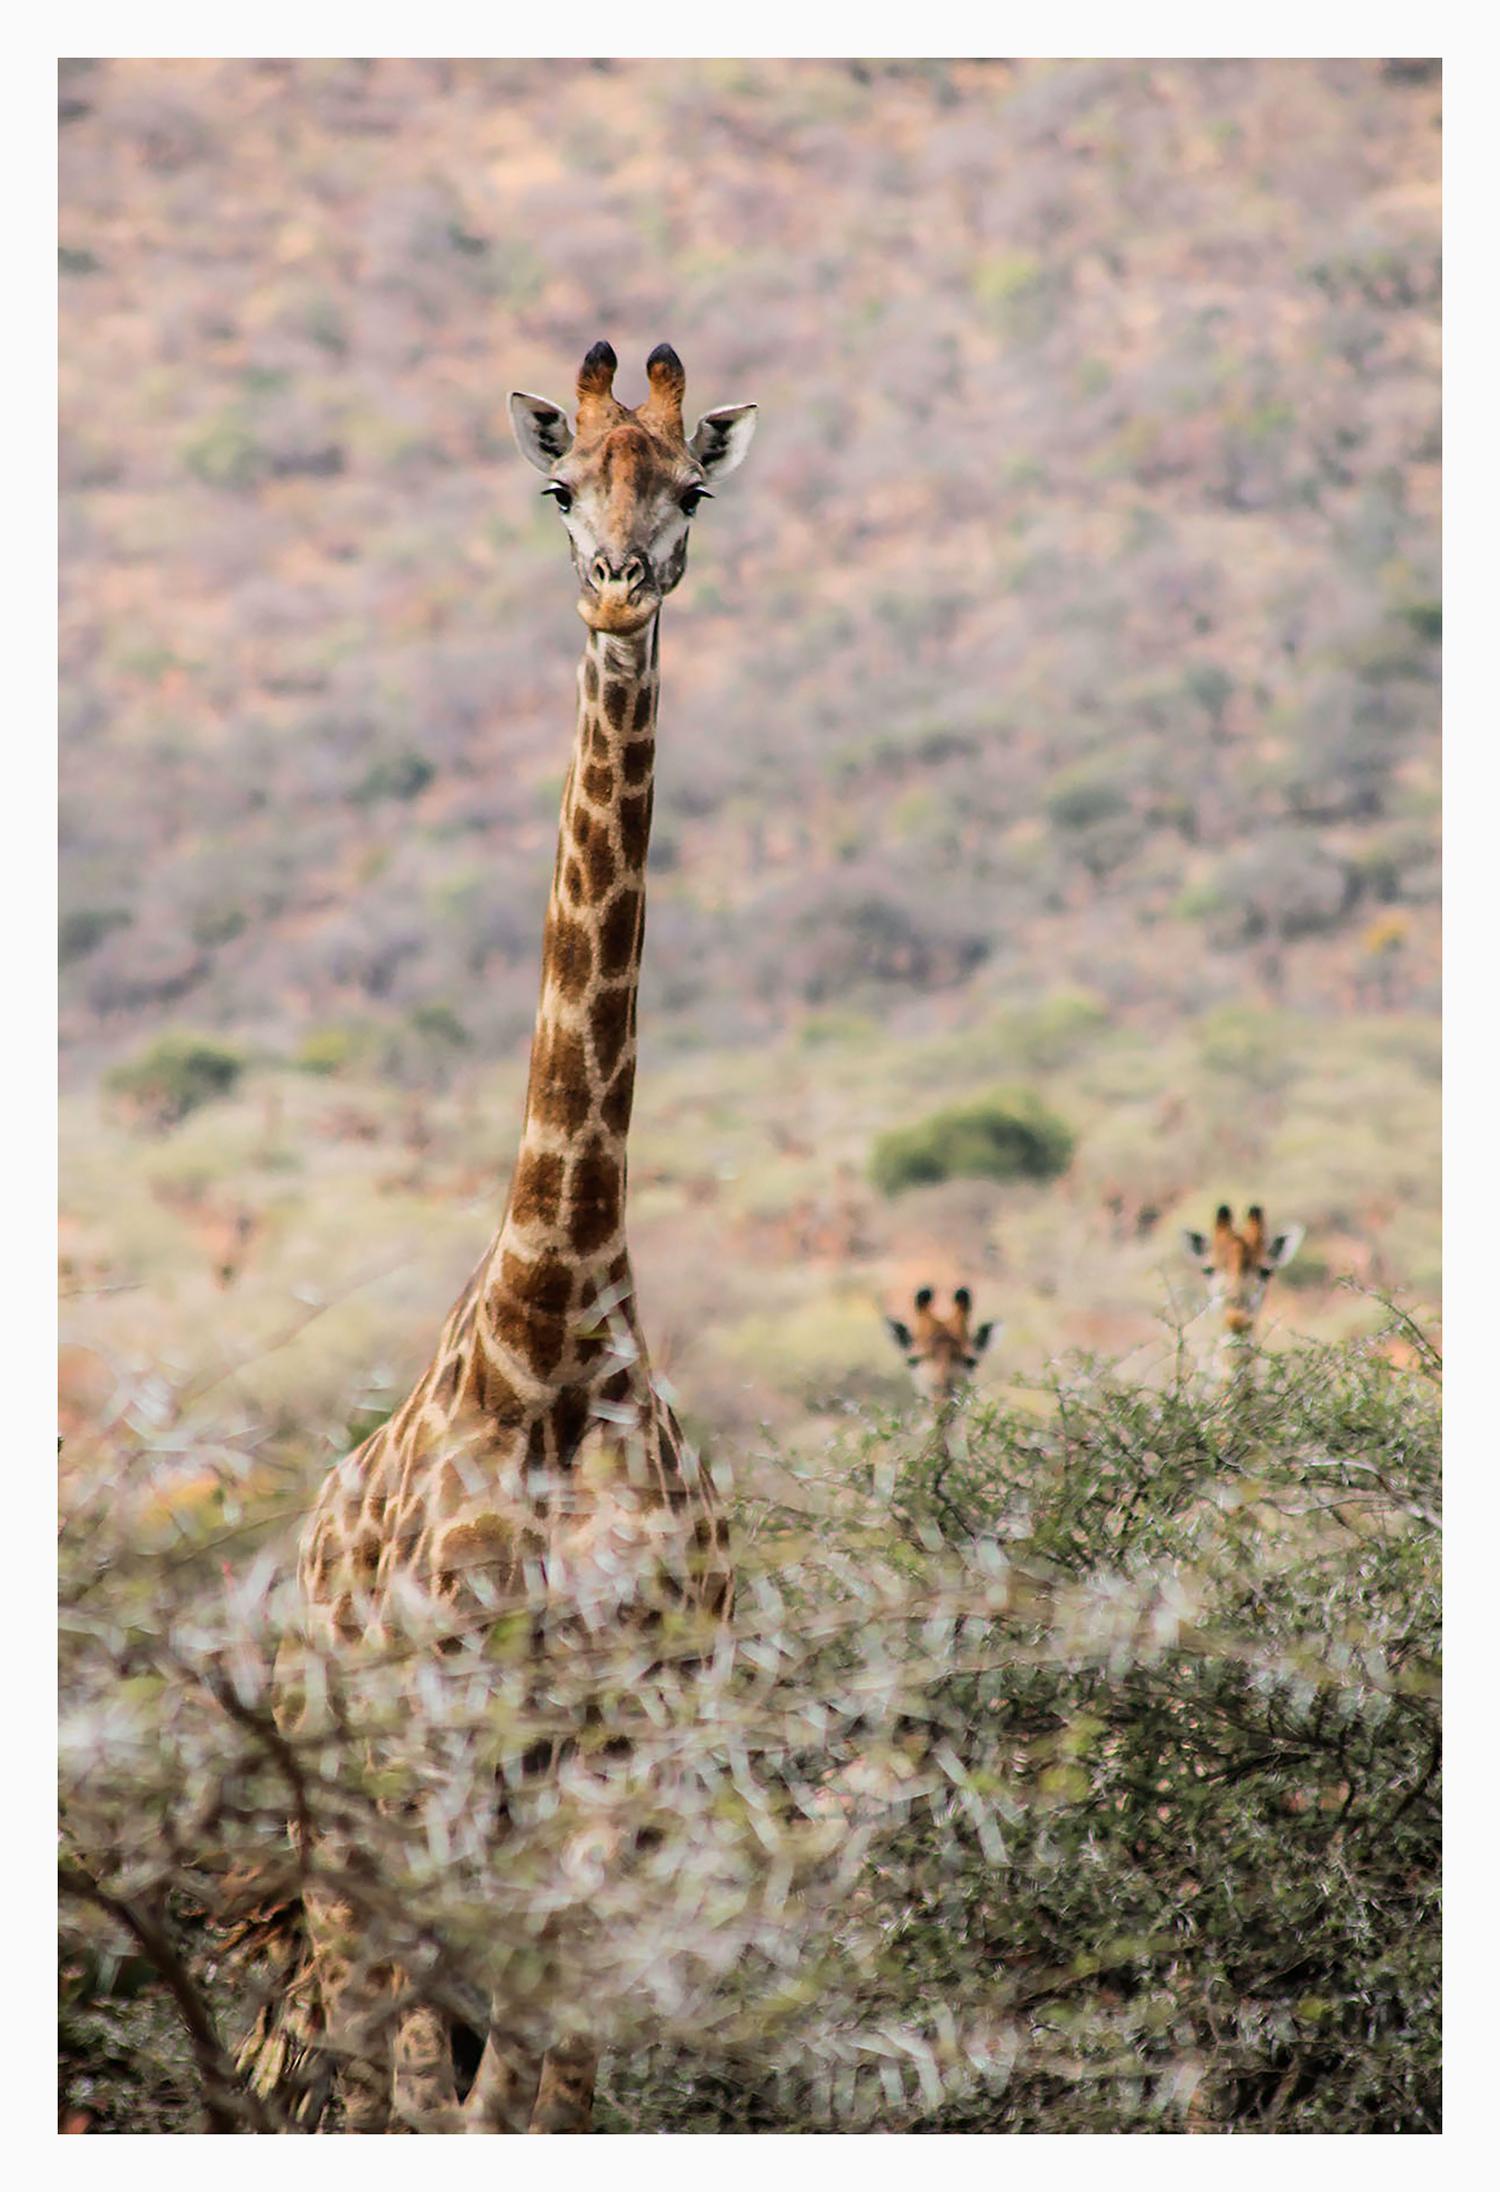 charlotte_gill_giraffe_2_small.jpg